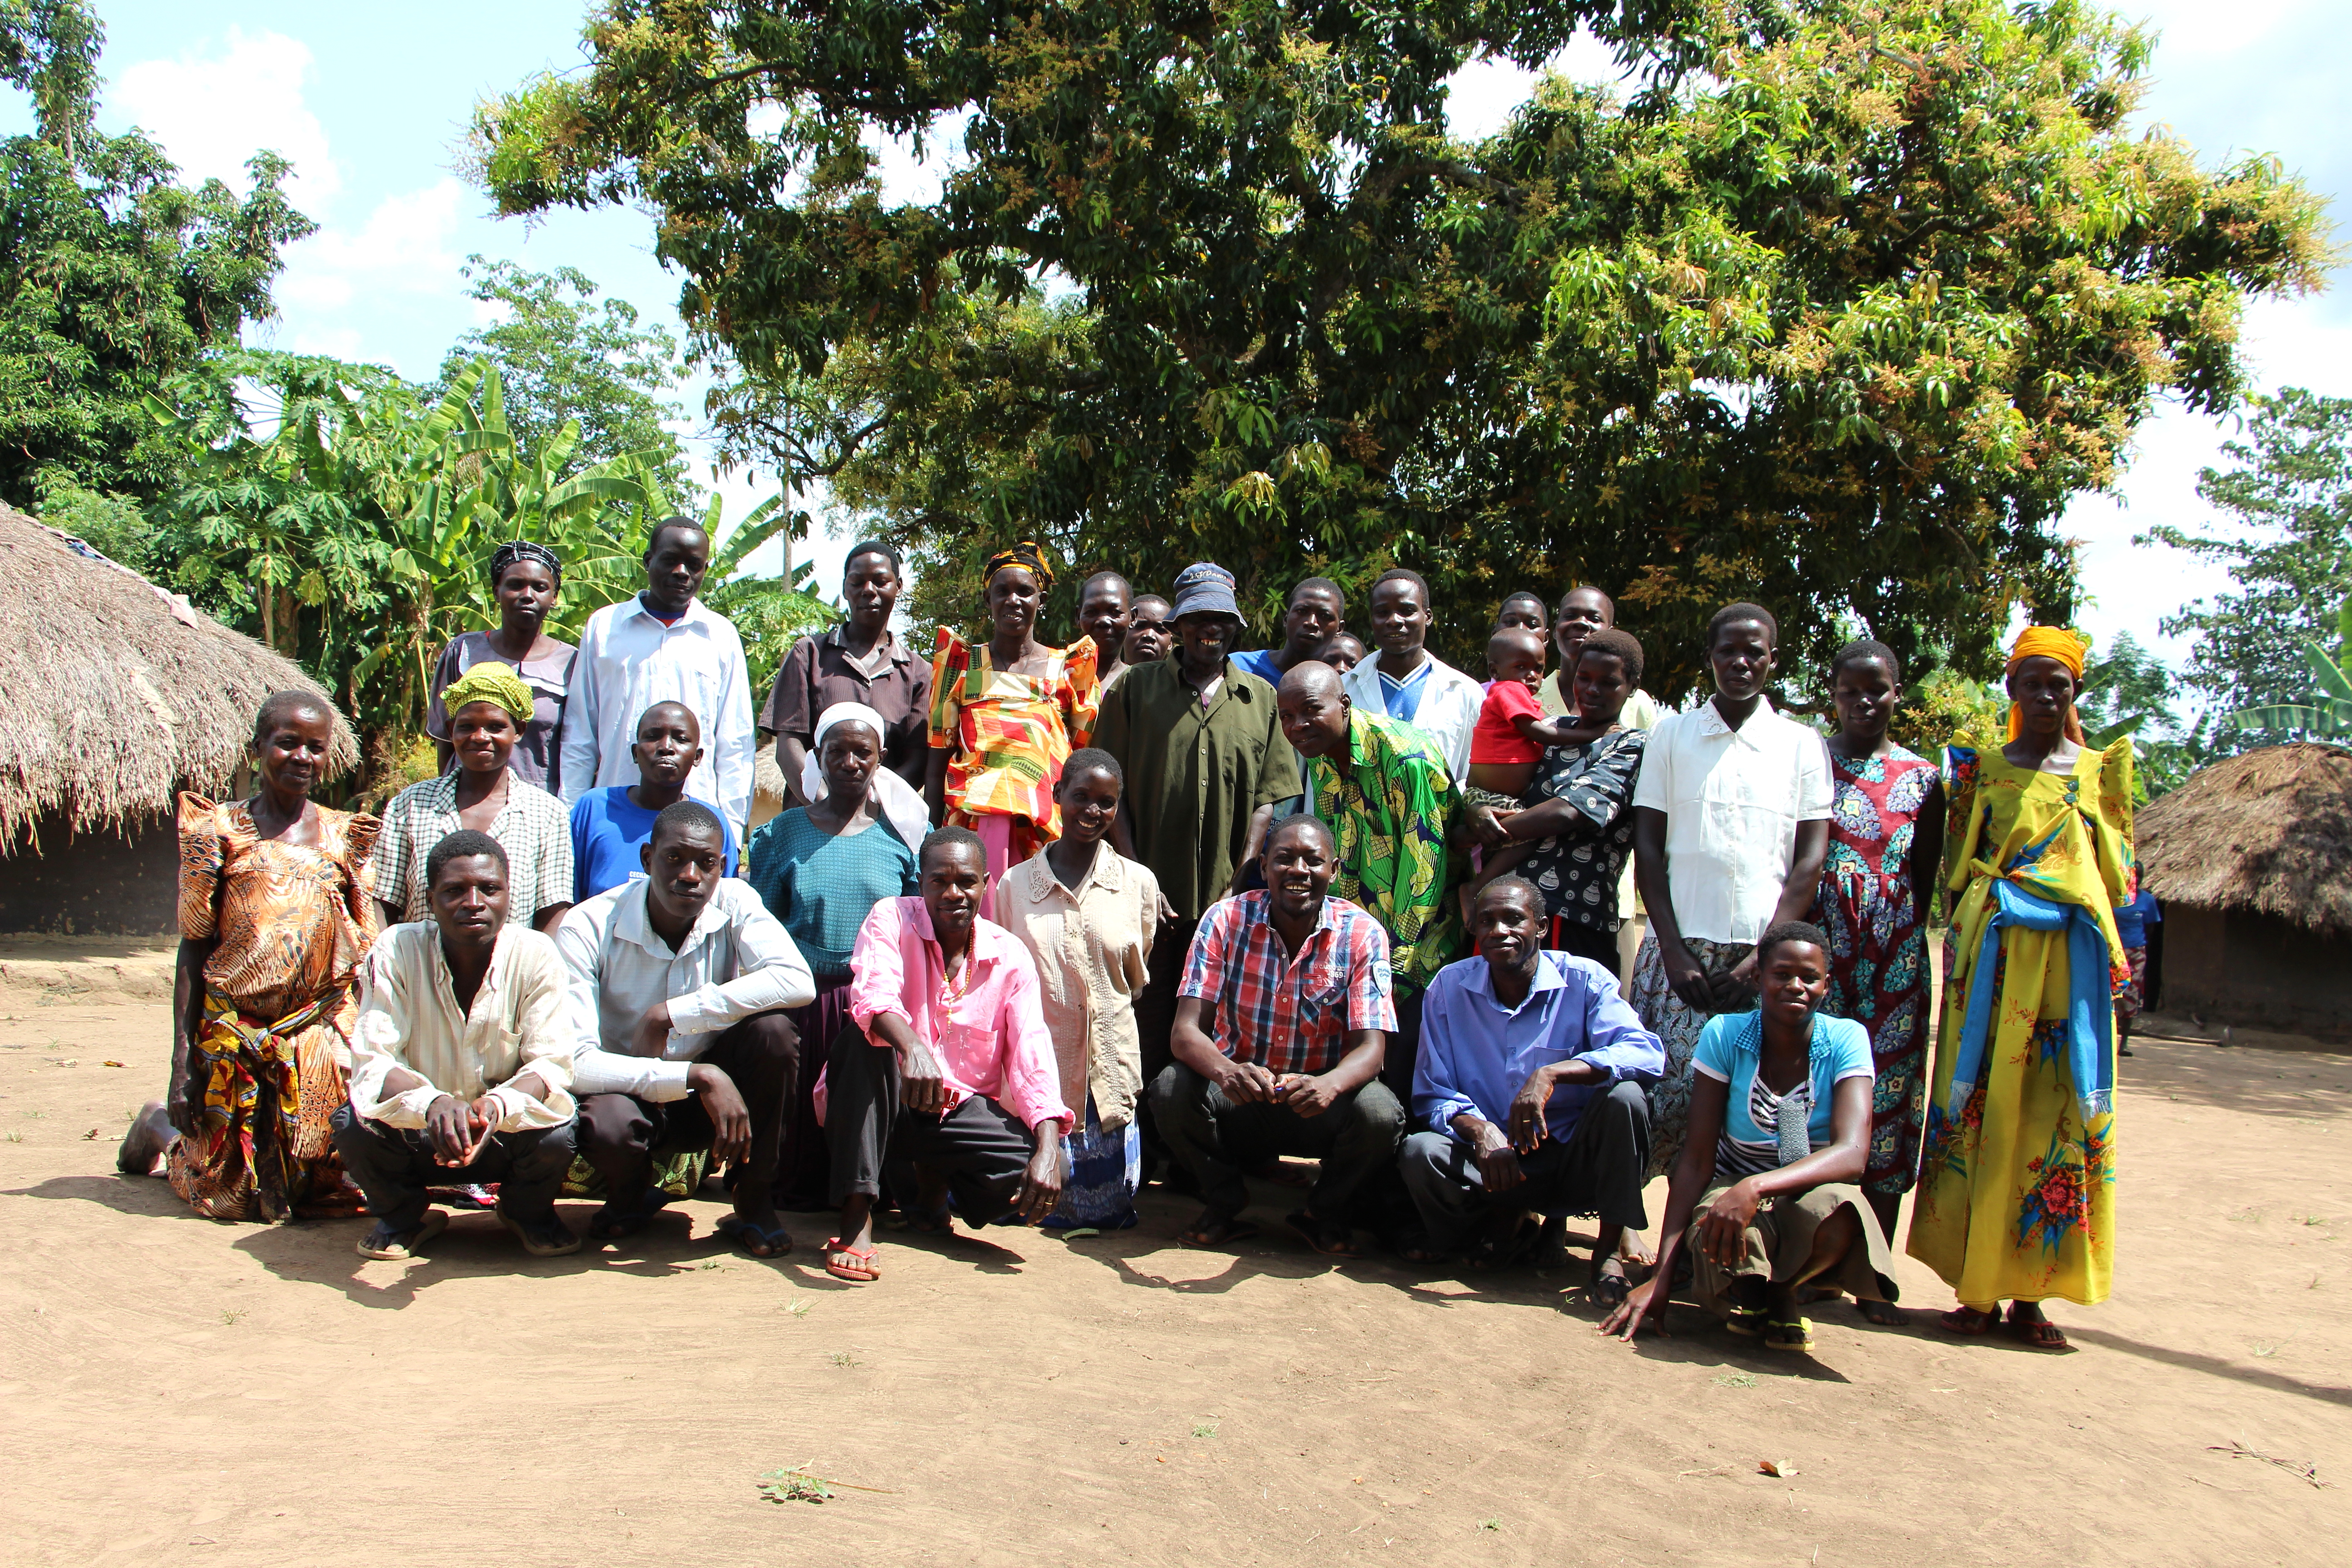 The Obanga Enteko (God is Great) Business Savings Group in Adekwok, Uganda.